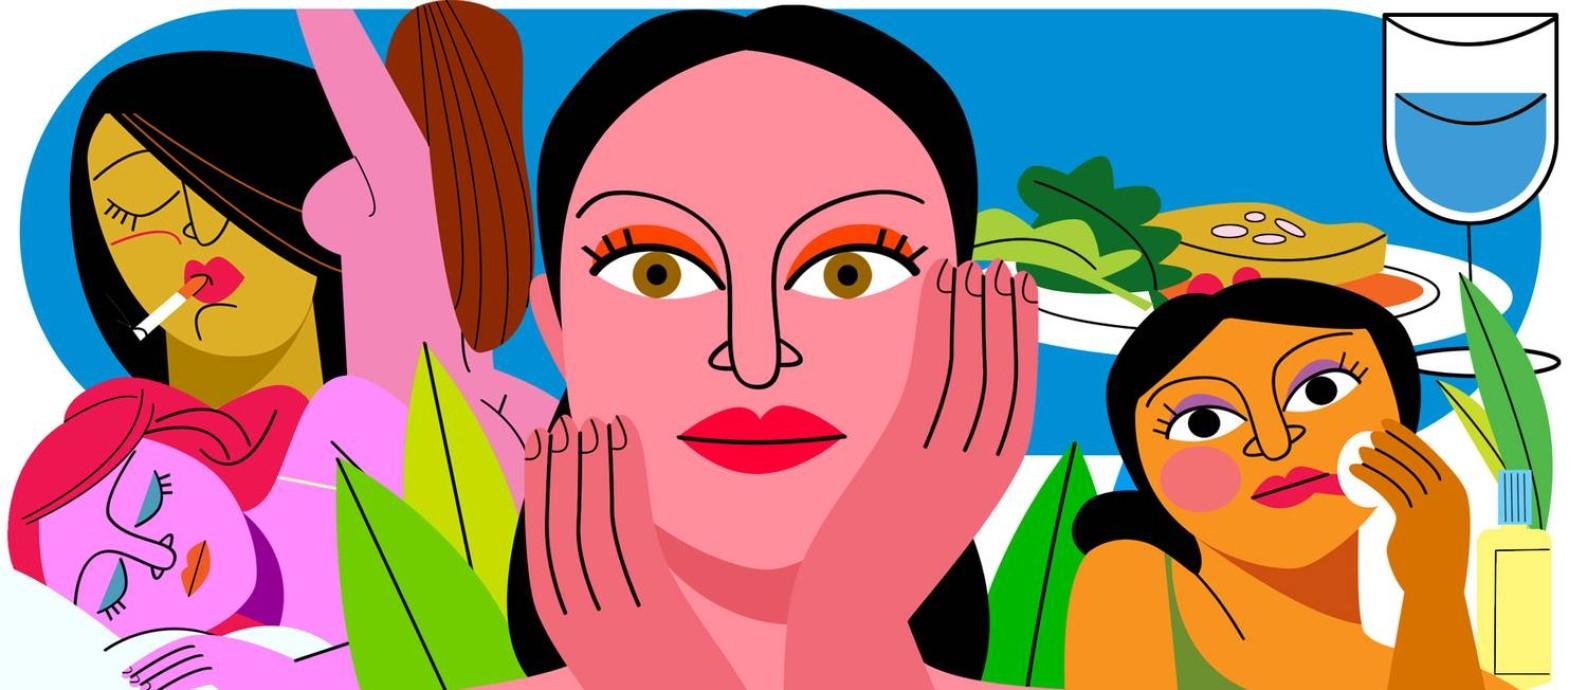 Apenas usar protetor solar não é suficiente para cuidar da saúde da pele. Confira sete práticas nocivas para o órgão que devem ser evitadas. Foto: André Mello / O Globo